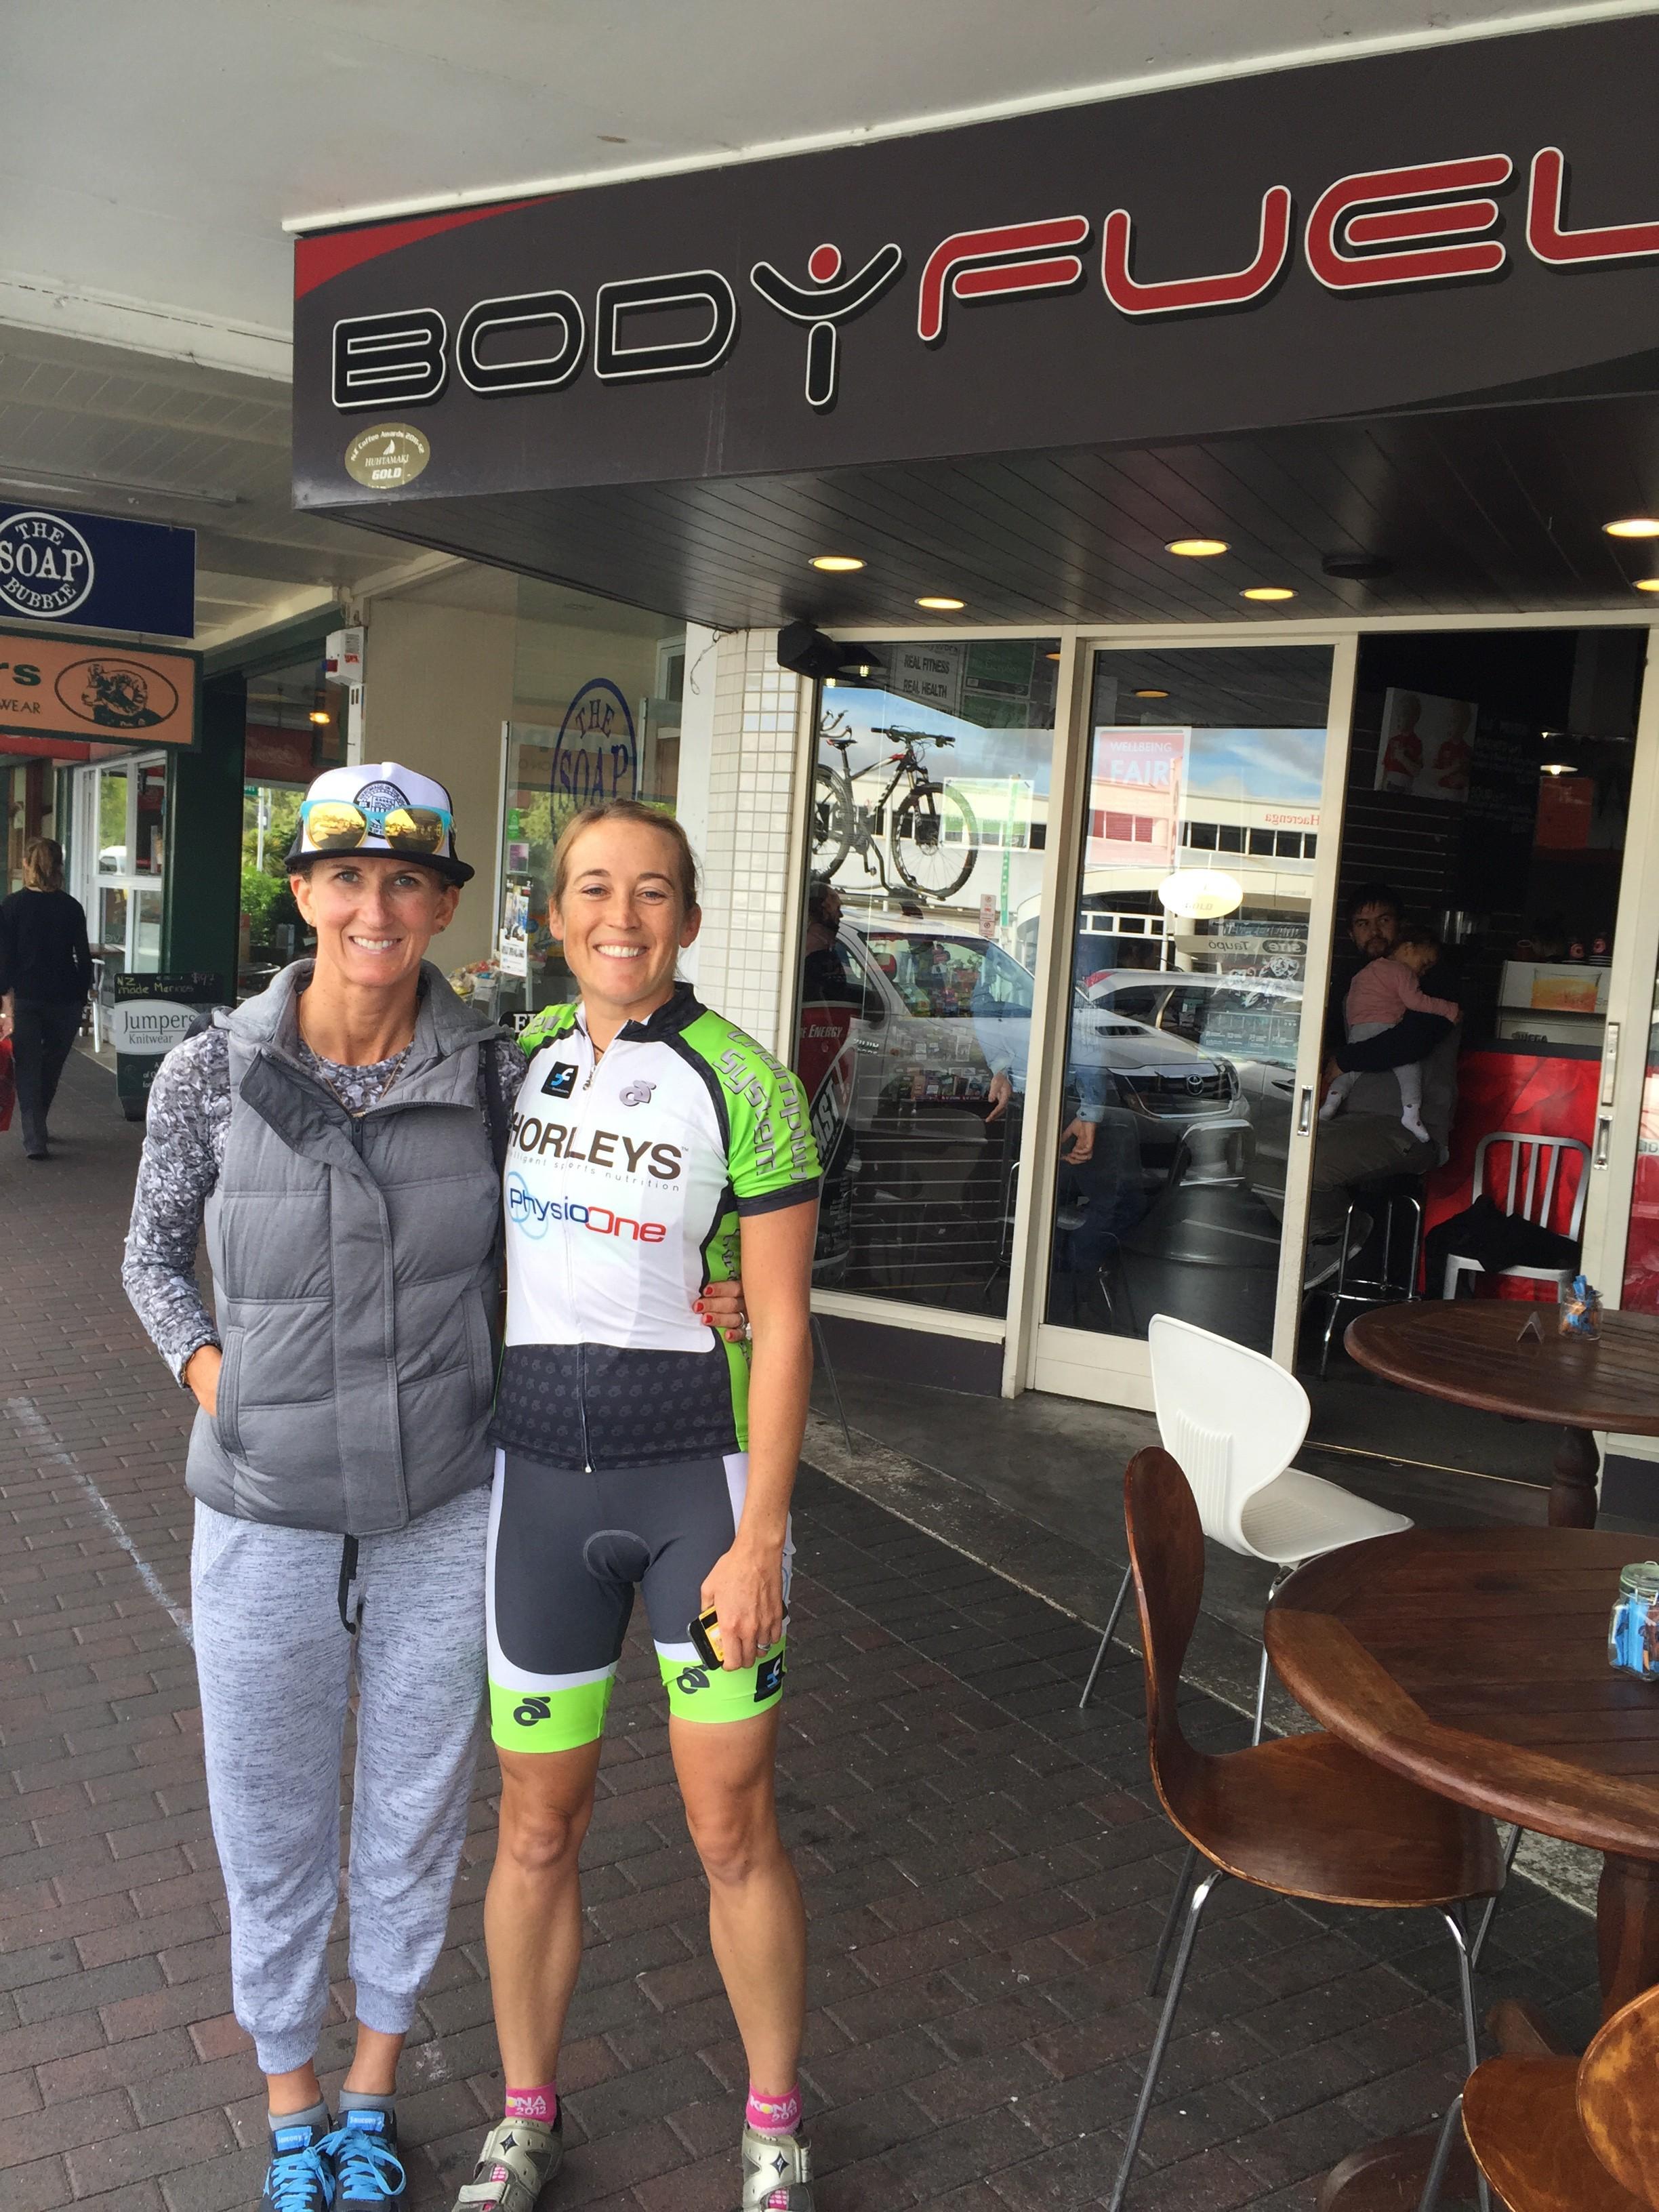 Meredith Kessler triathlete Bodyfuel Anna Russell